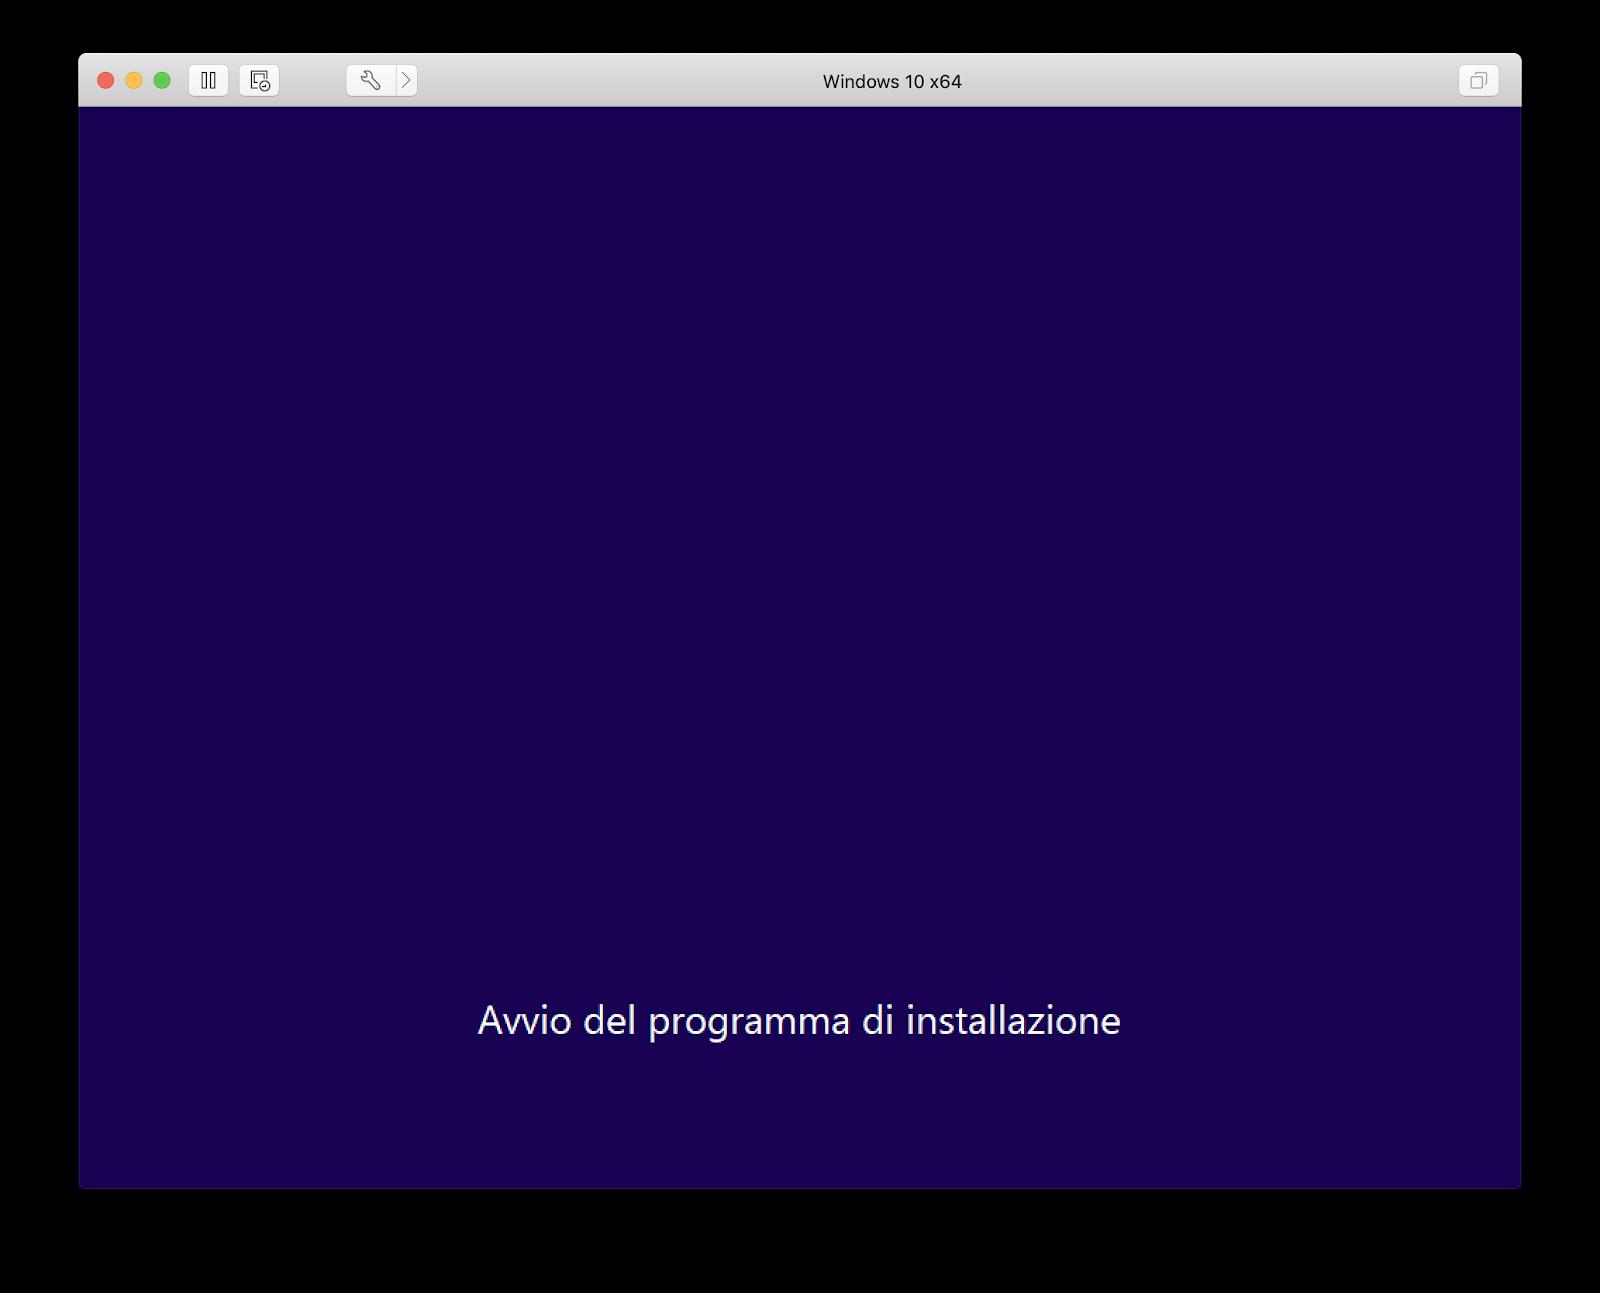 Come installare Windows 10 su Mac con VMware